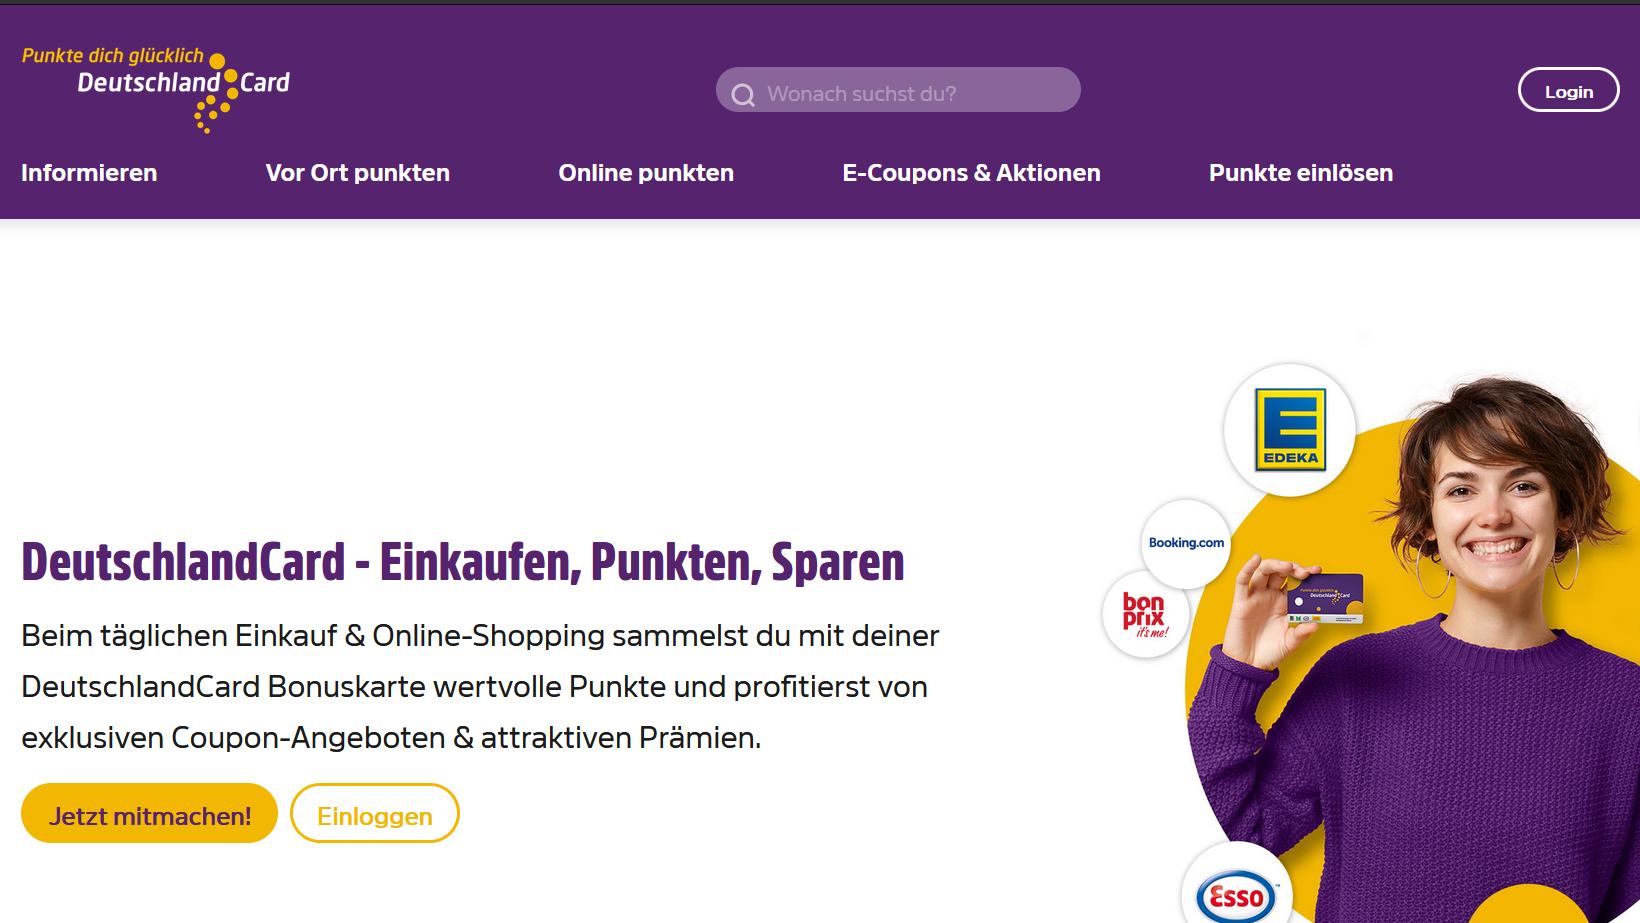 Die DeutschlandCard per Brief oder E-Mail kündigen.